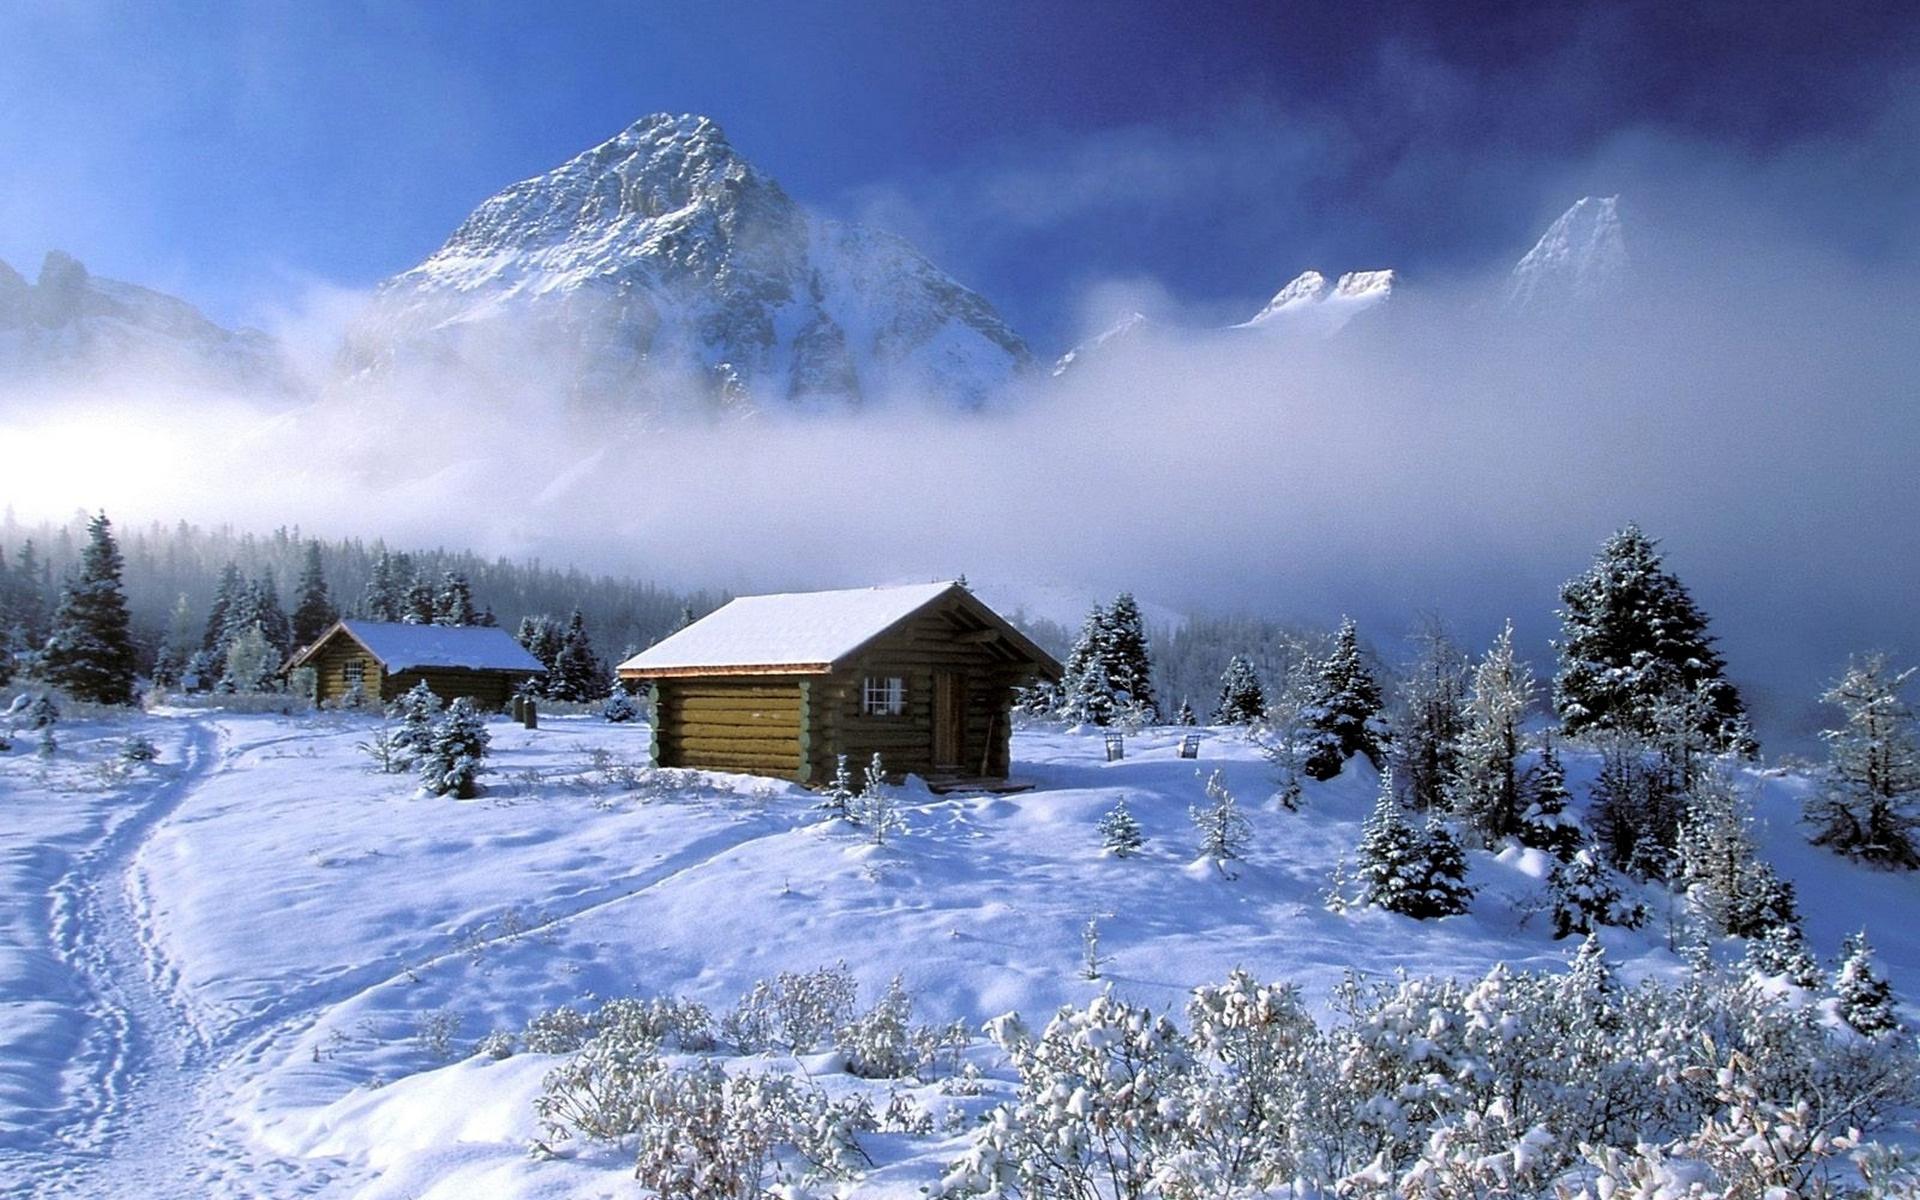 29204 скачать обои Пейзаж, Зима, Горы, Снег - заставки и картинки бесплатно